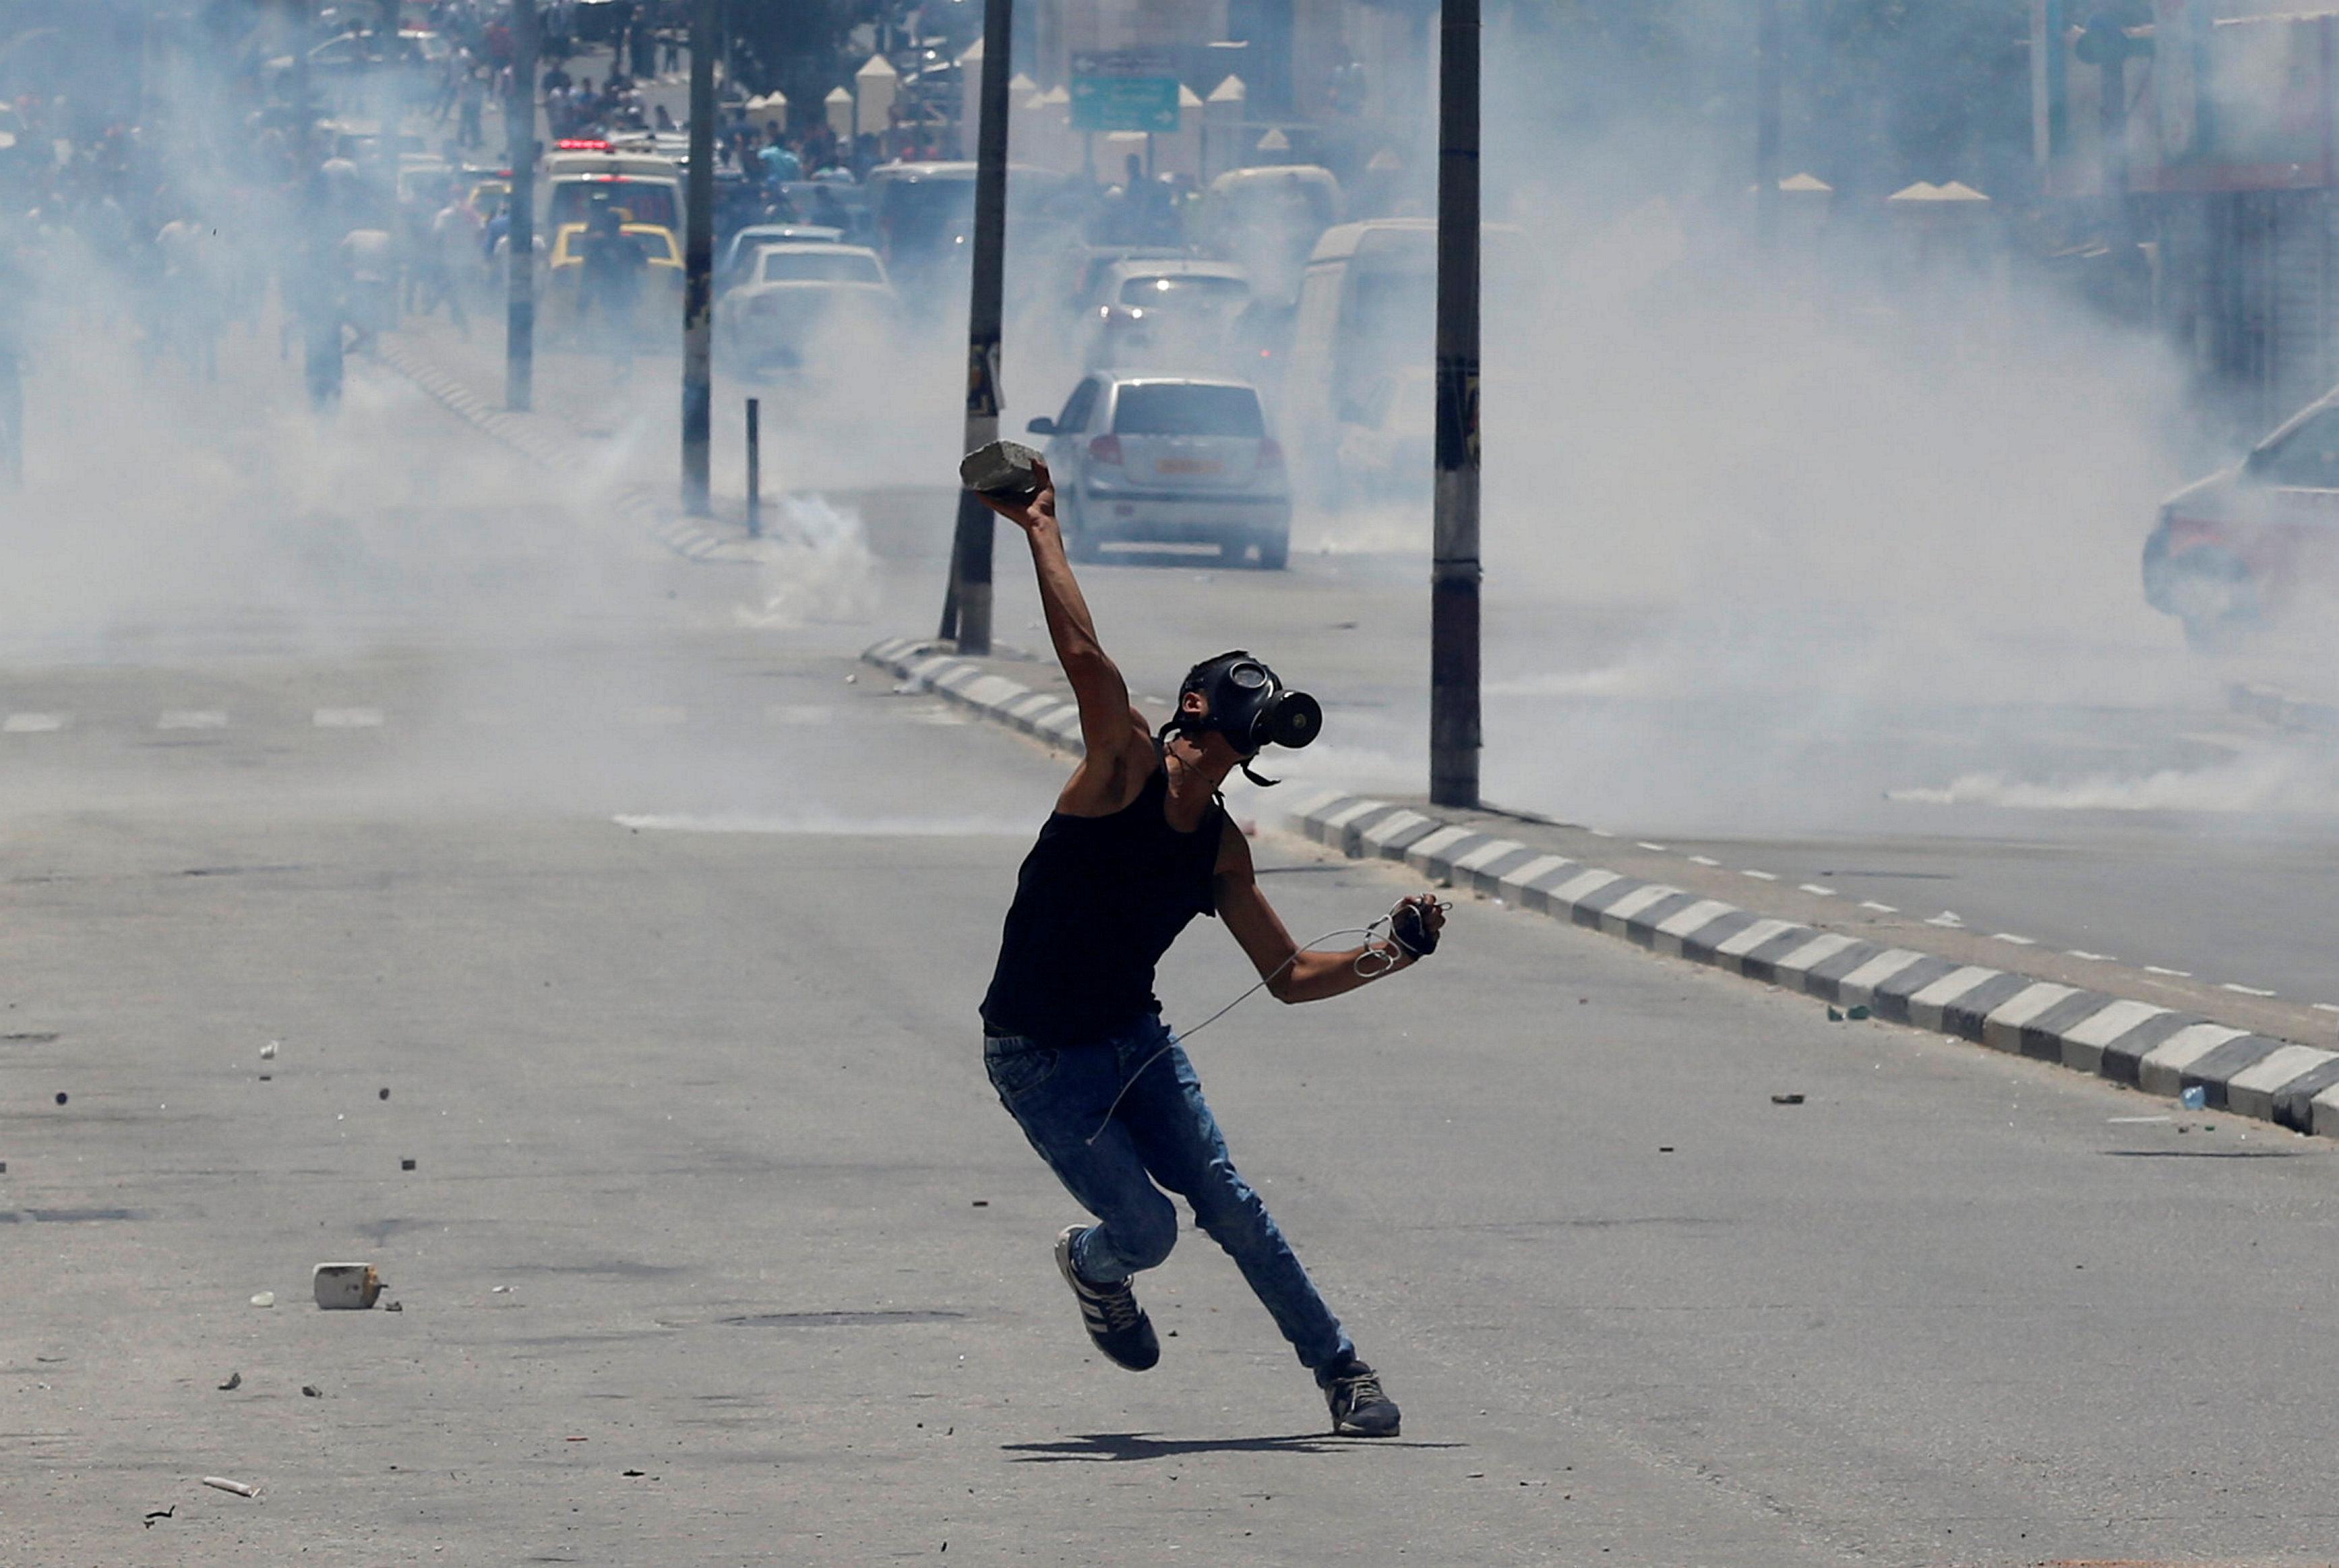 شاب يرتدى ماسك لحمايته من الغاز خلال الاشتباكات